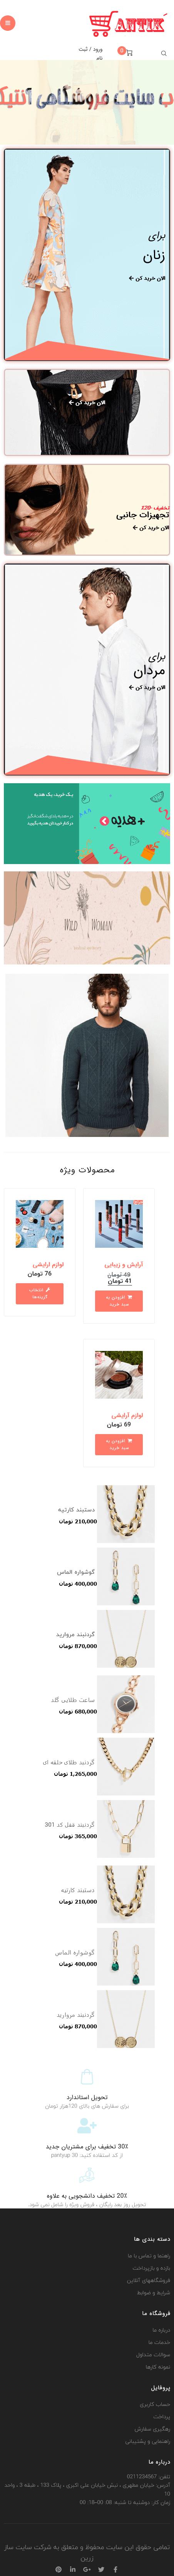 سایت فروشگاهی آنتیک در حالت موبایل